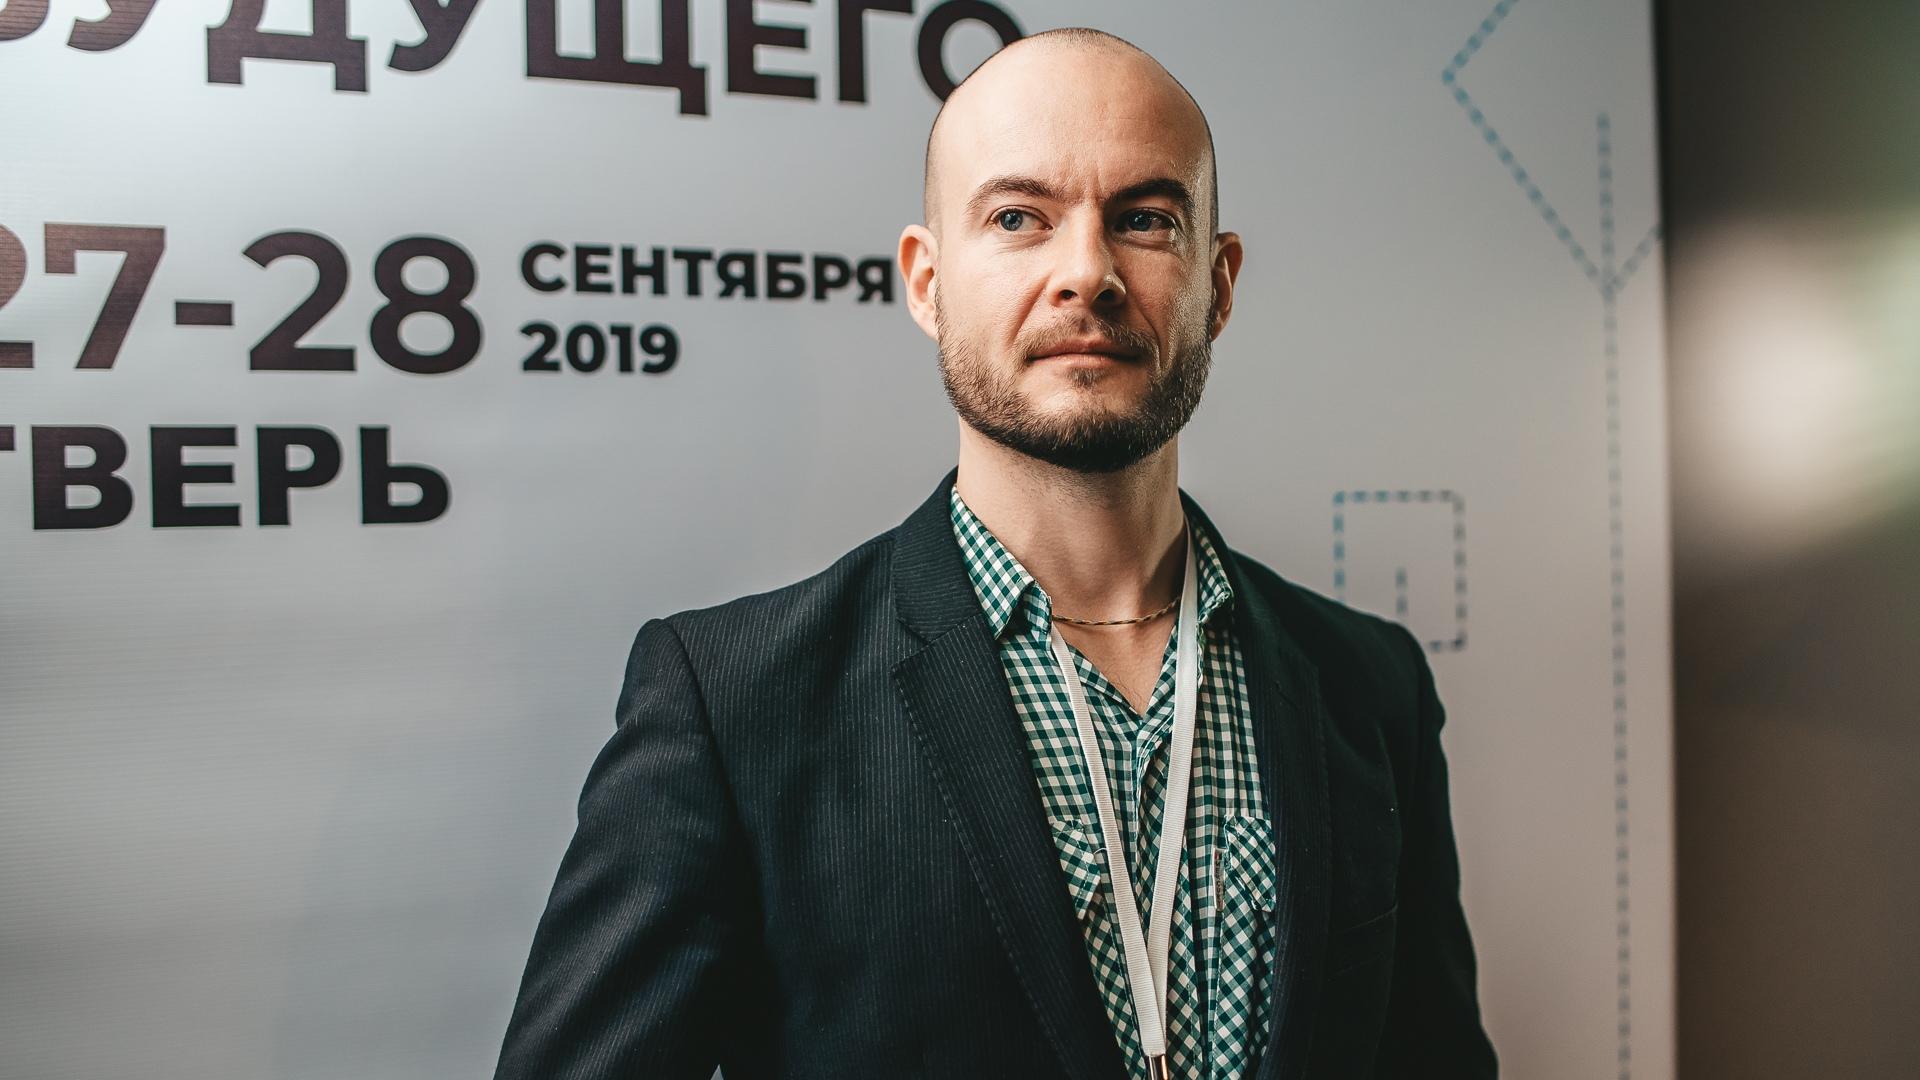 Игорь Докучаев: качественное образование - сильный фактор подъёма демографии